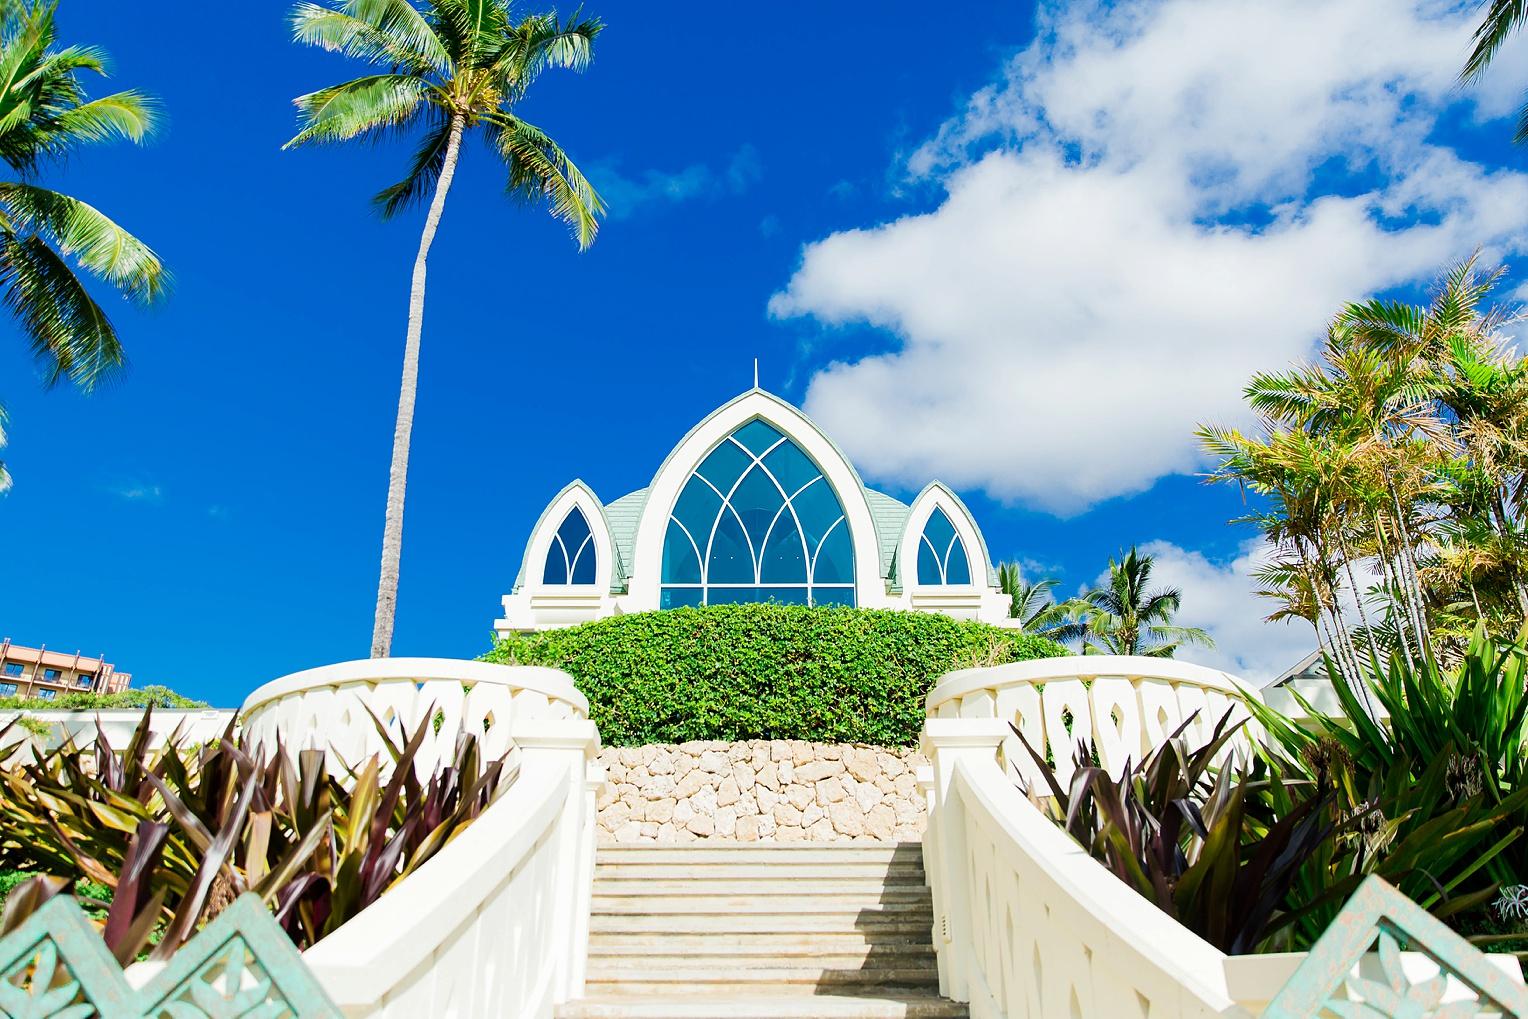 Hawaii Oahu Botanical Gardens Ko'olina Lagoon-9257.jpg